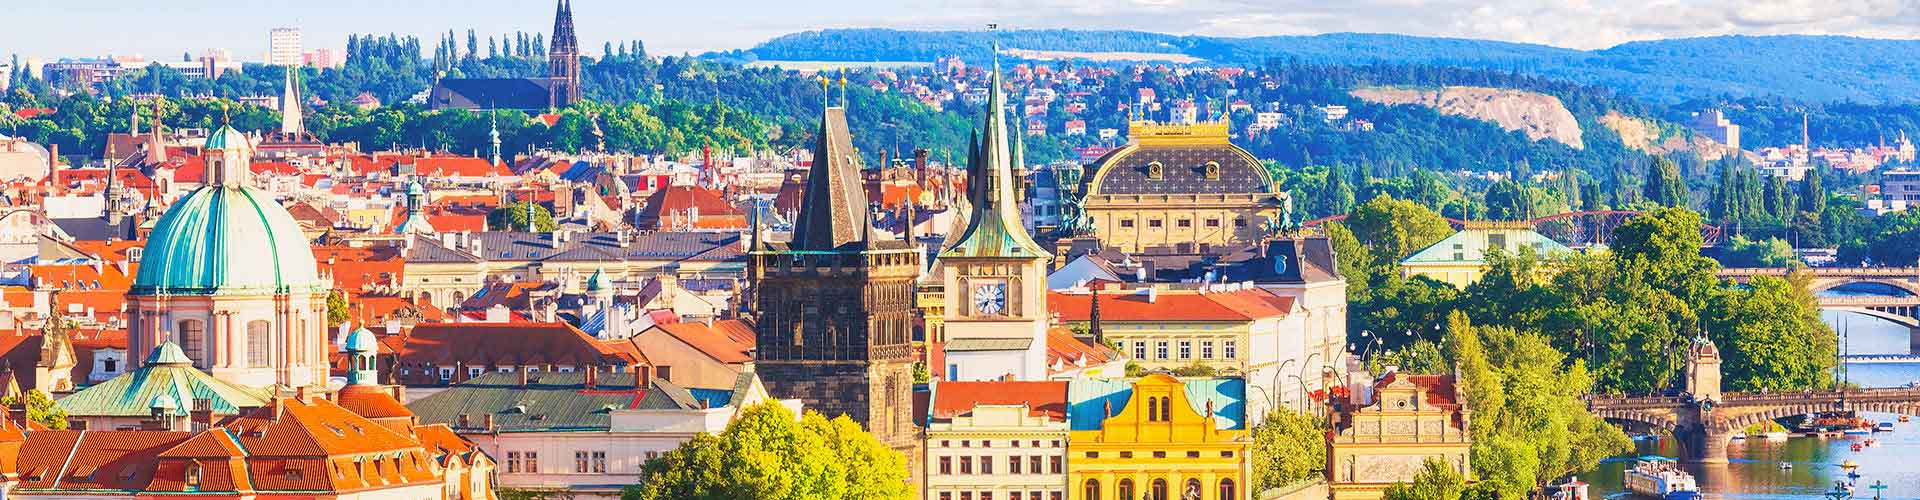 Praga - Habitaciones cerca a Antiguo ayuntamiento de la Ciudad. Mapas de Praga, Fotos y comentarios de cada Habitación en Praga.